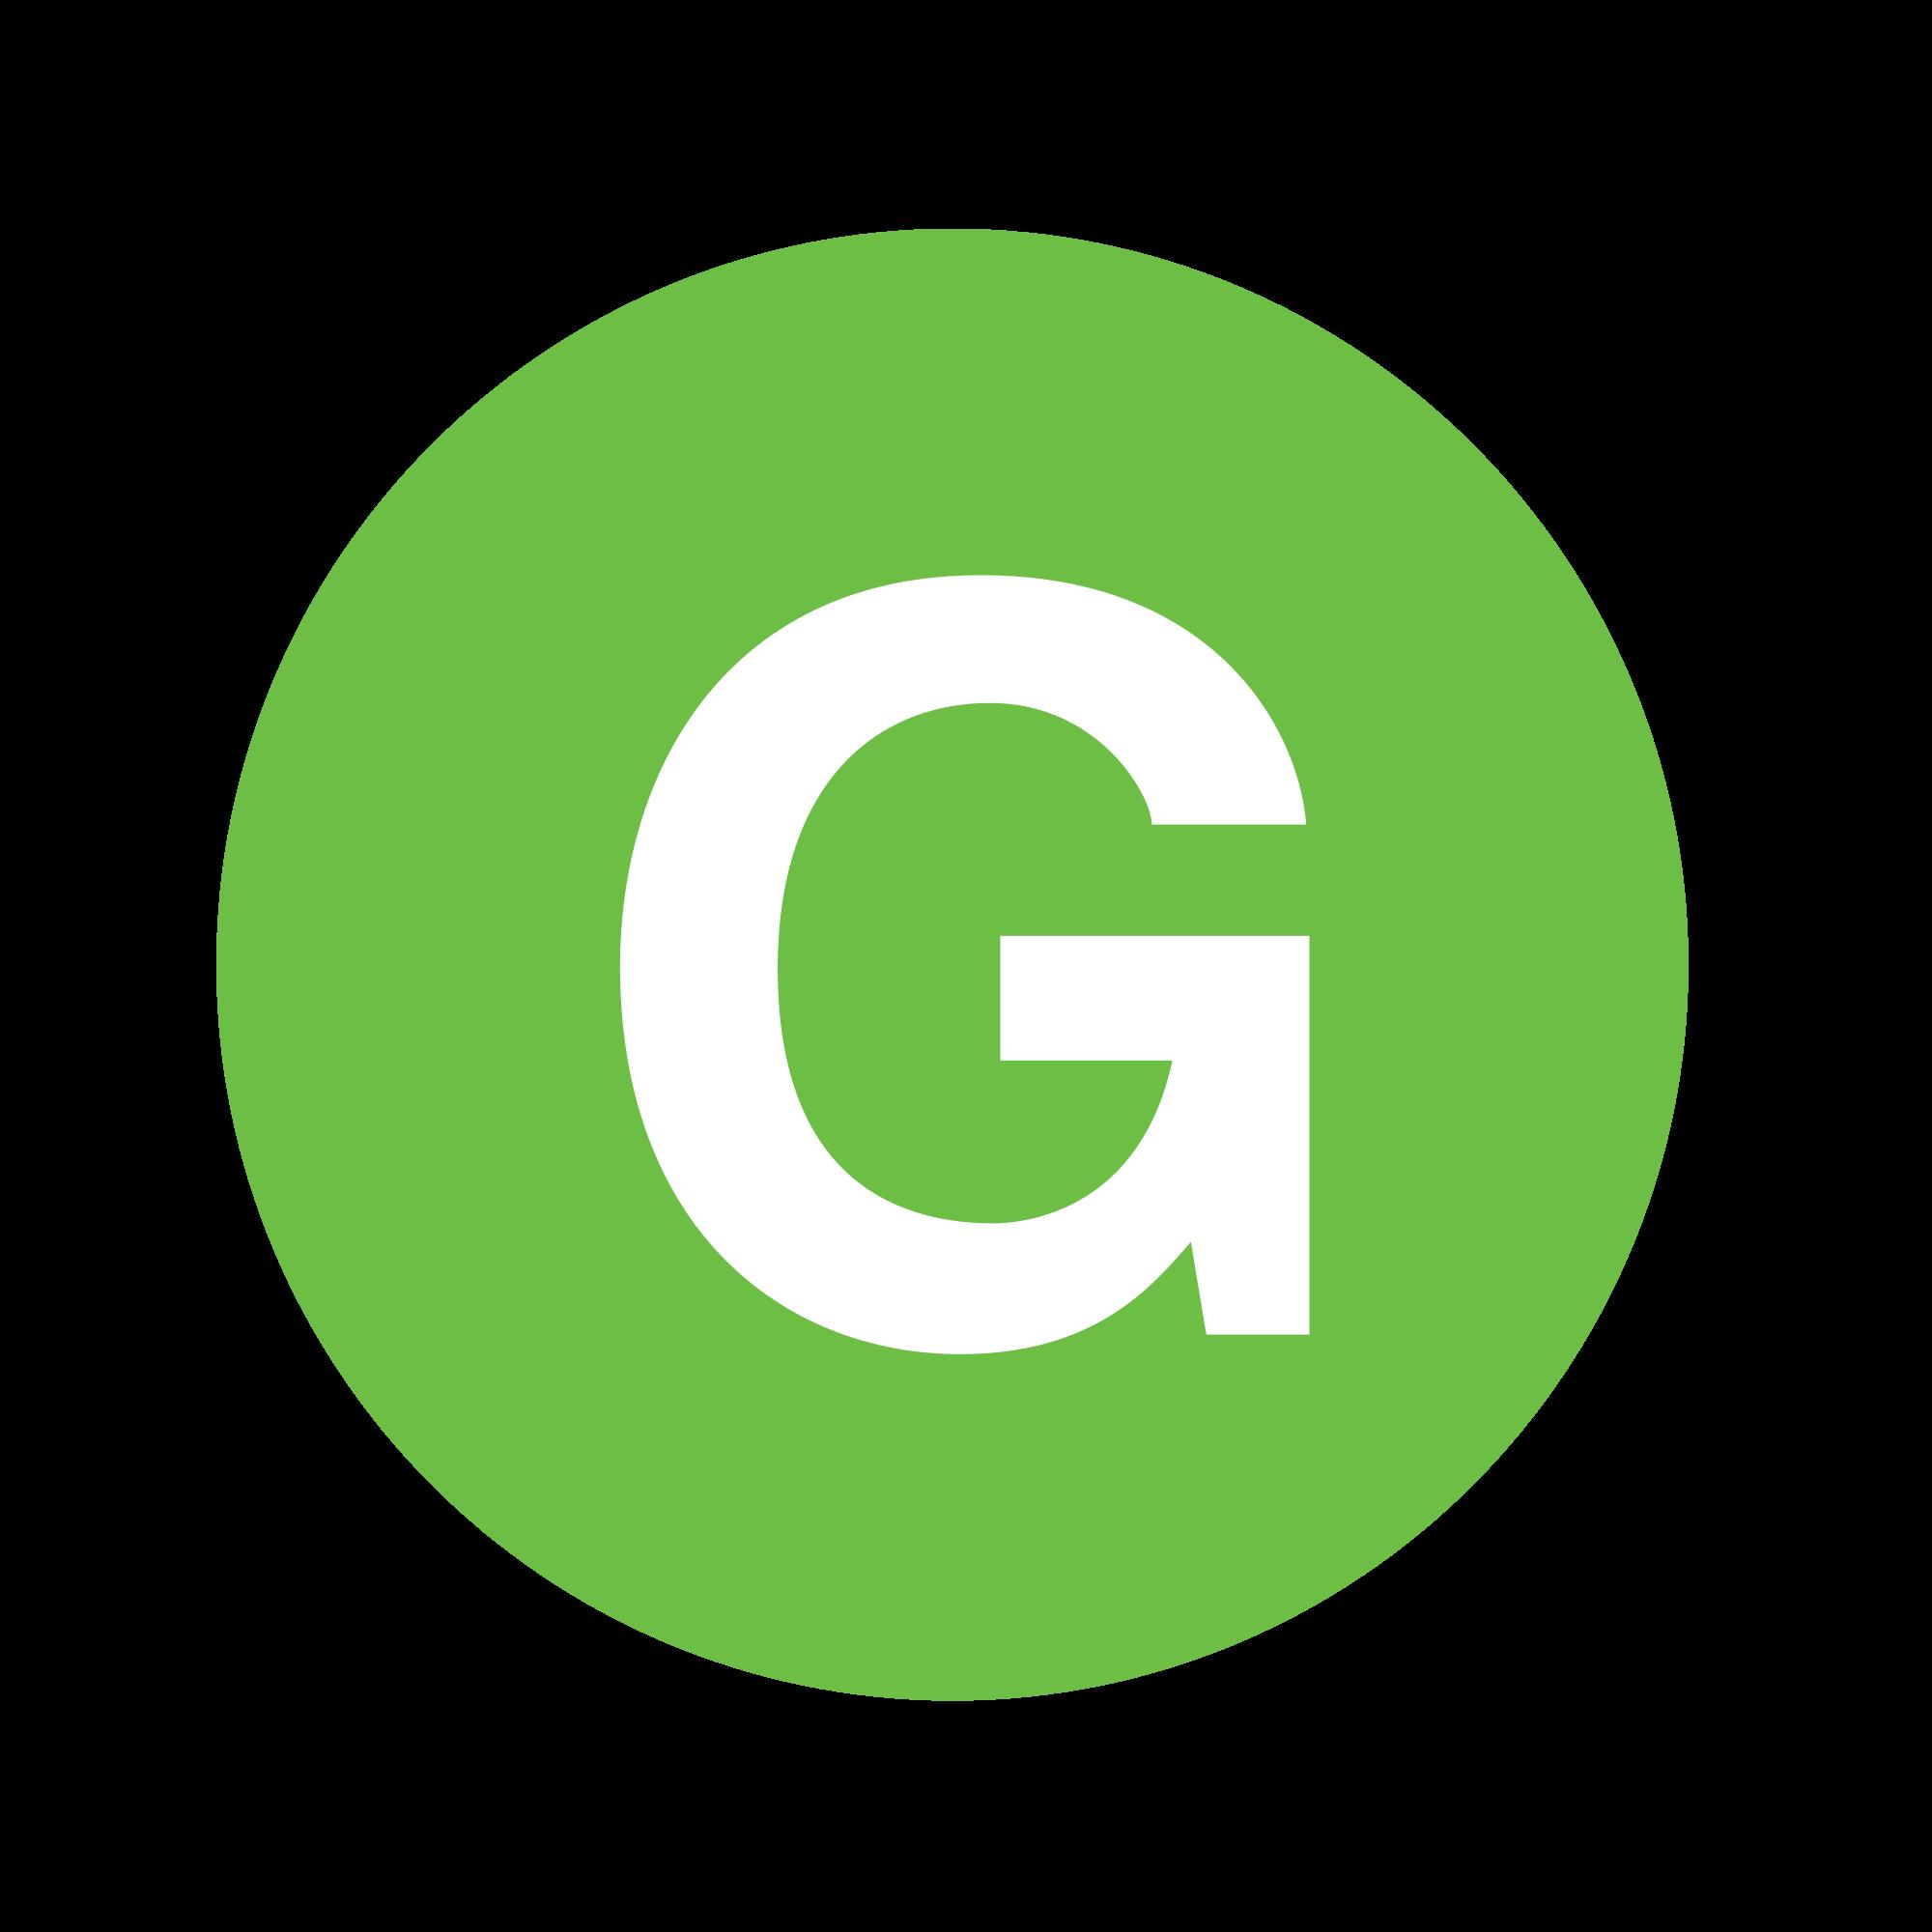 best of G